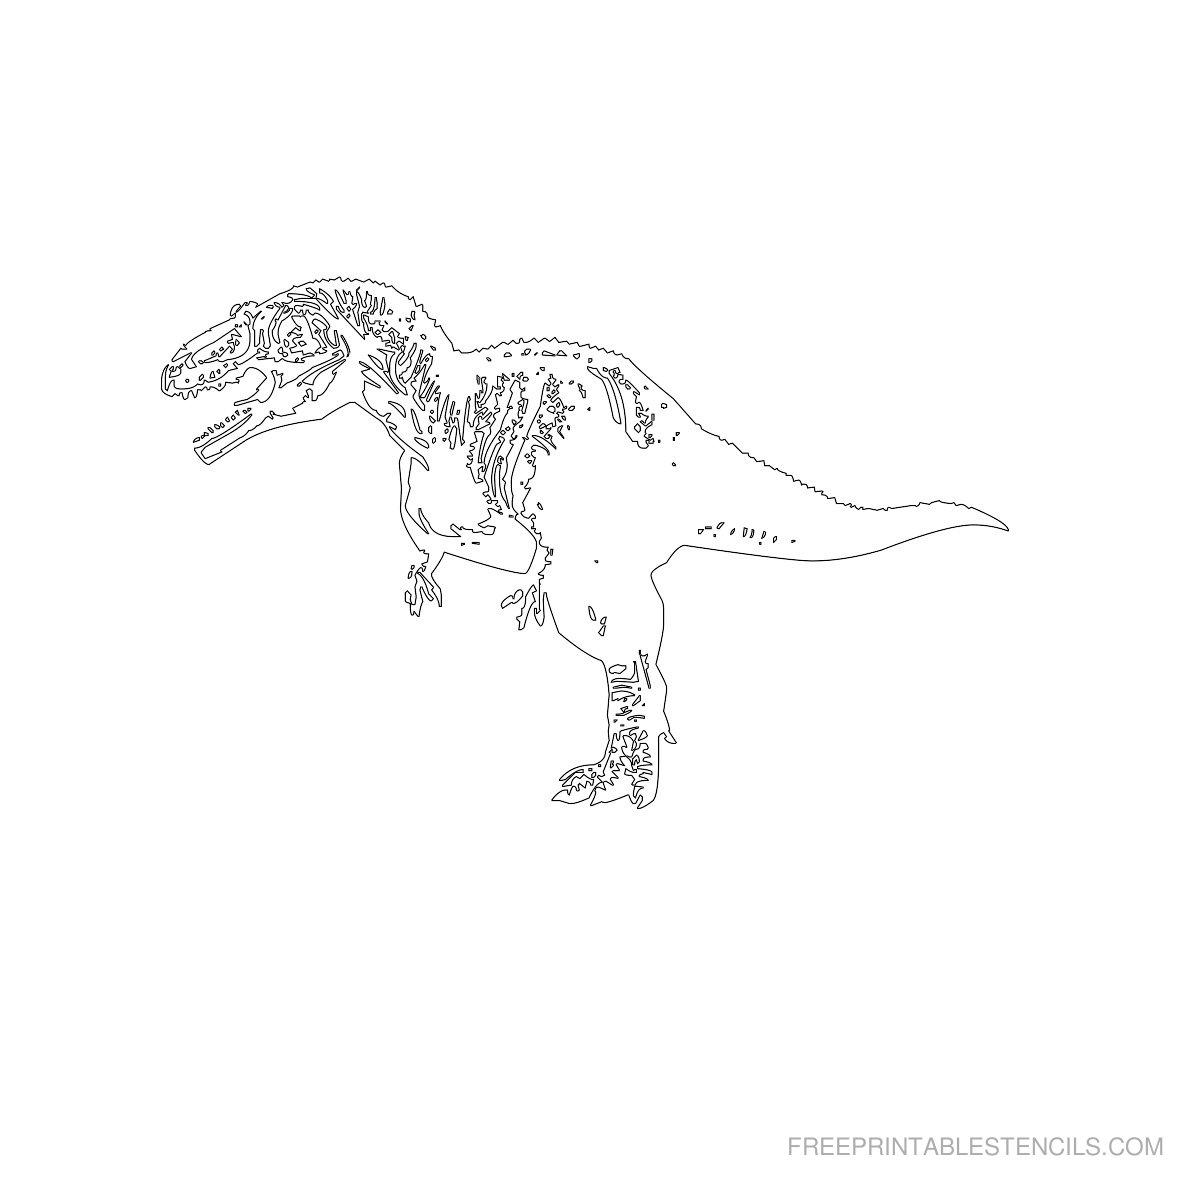 Free Printable Dinosaur Stencil A